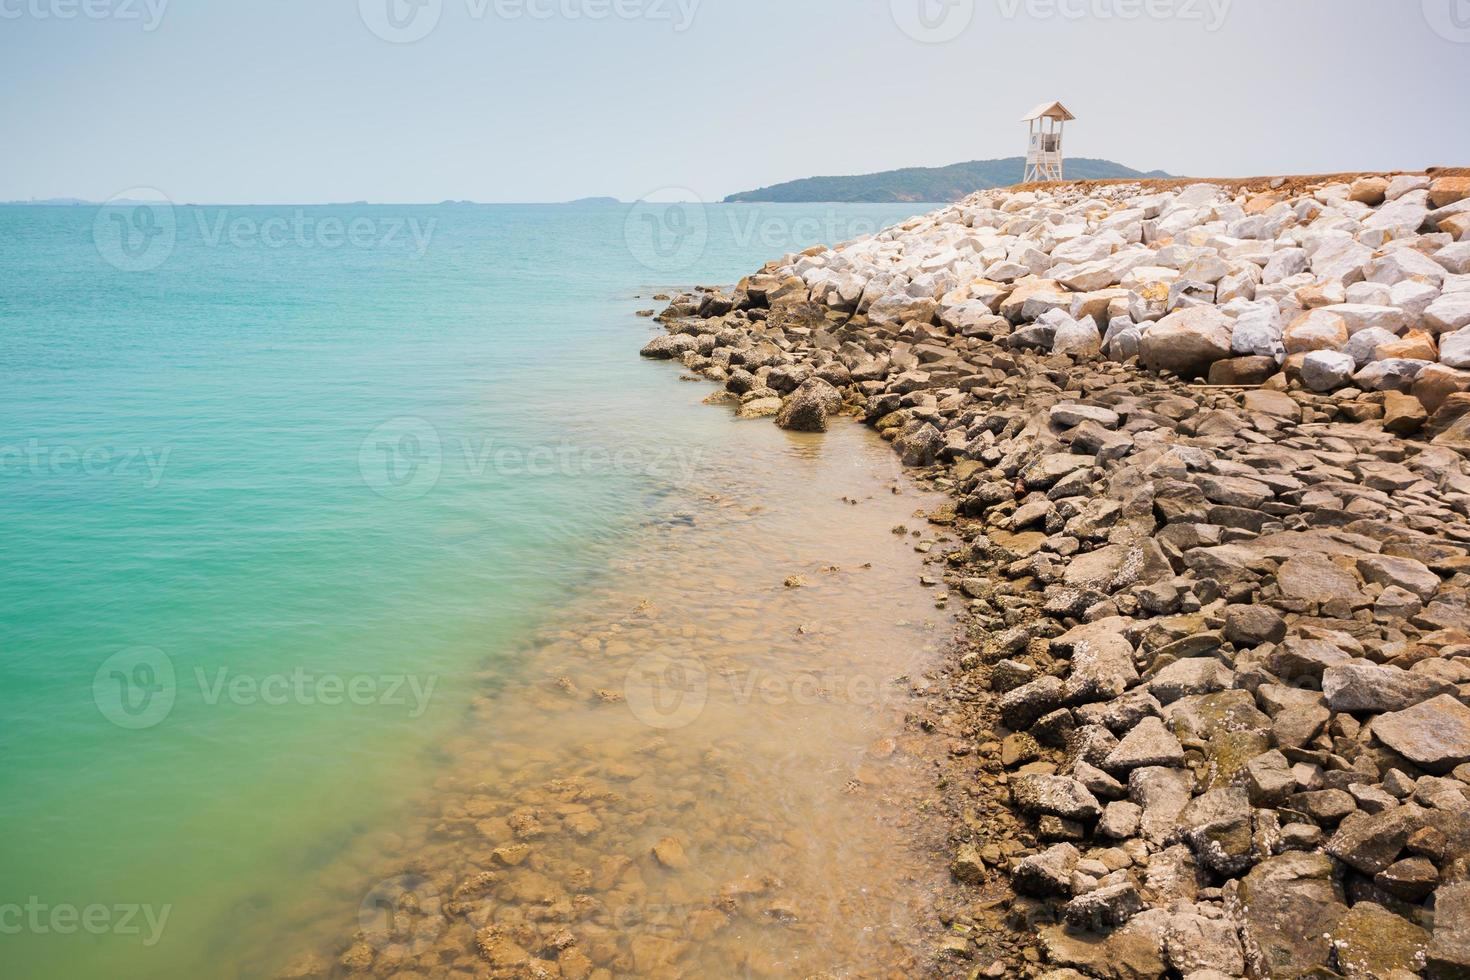 océano azul brillante con una costa rocosa foto